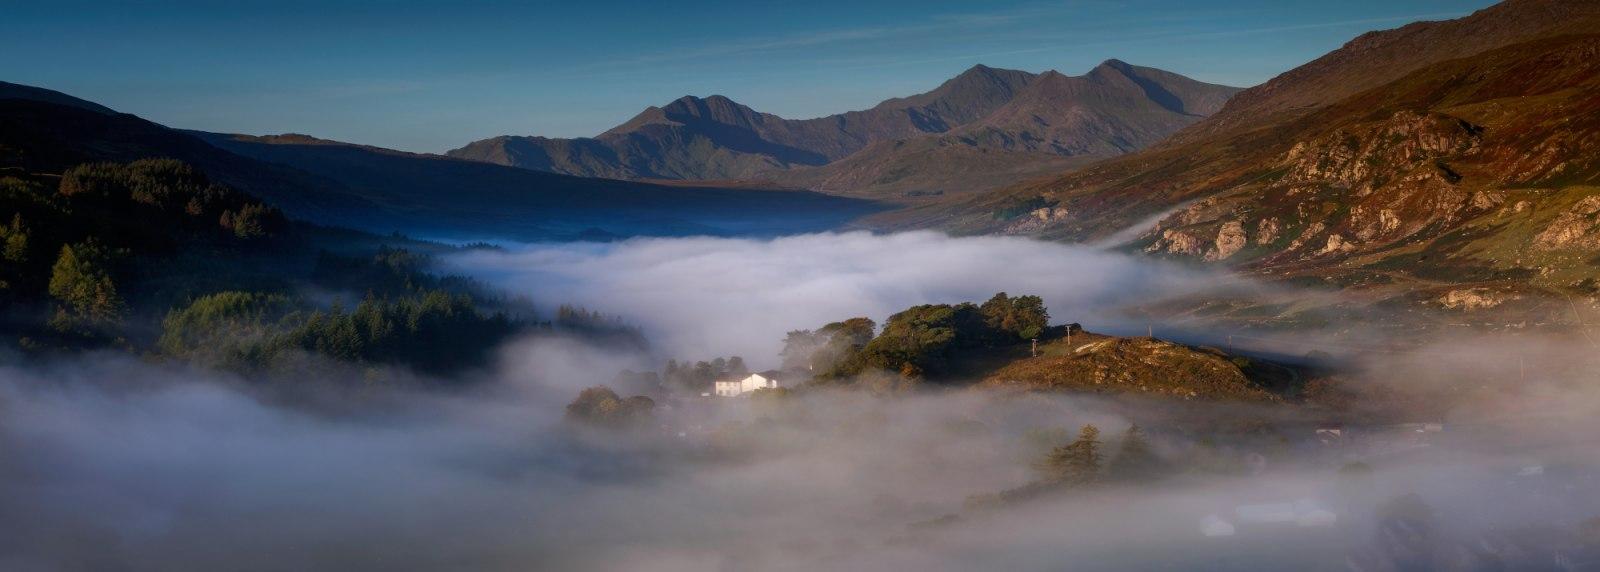 Workshops Snowdonia Wales / Snowdon Llynnau Mymbyr before you wake up...